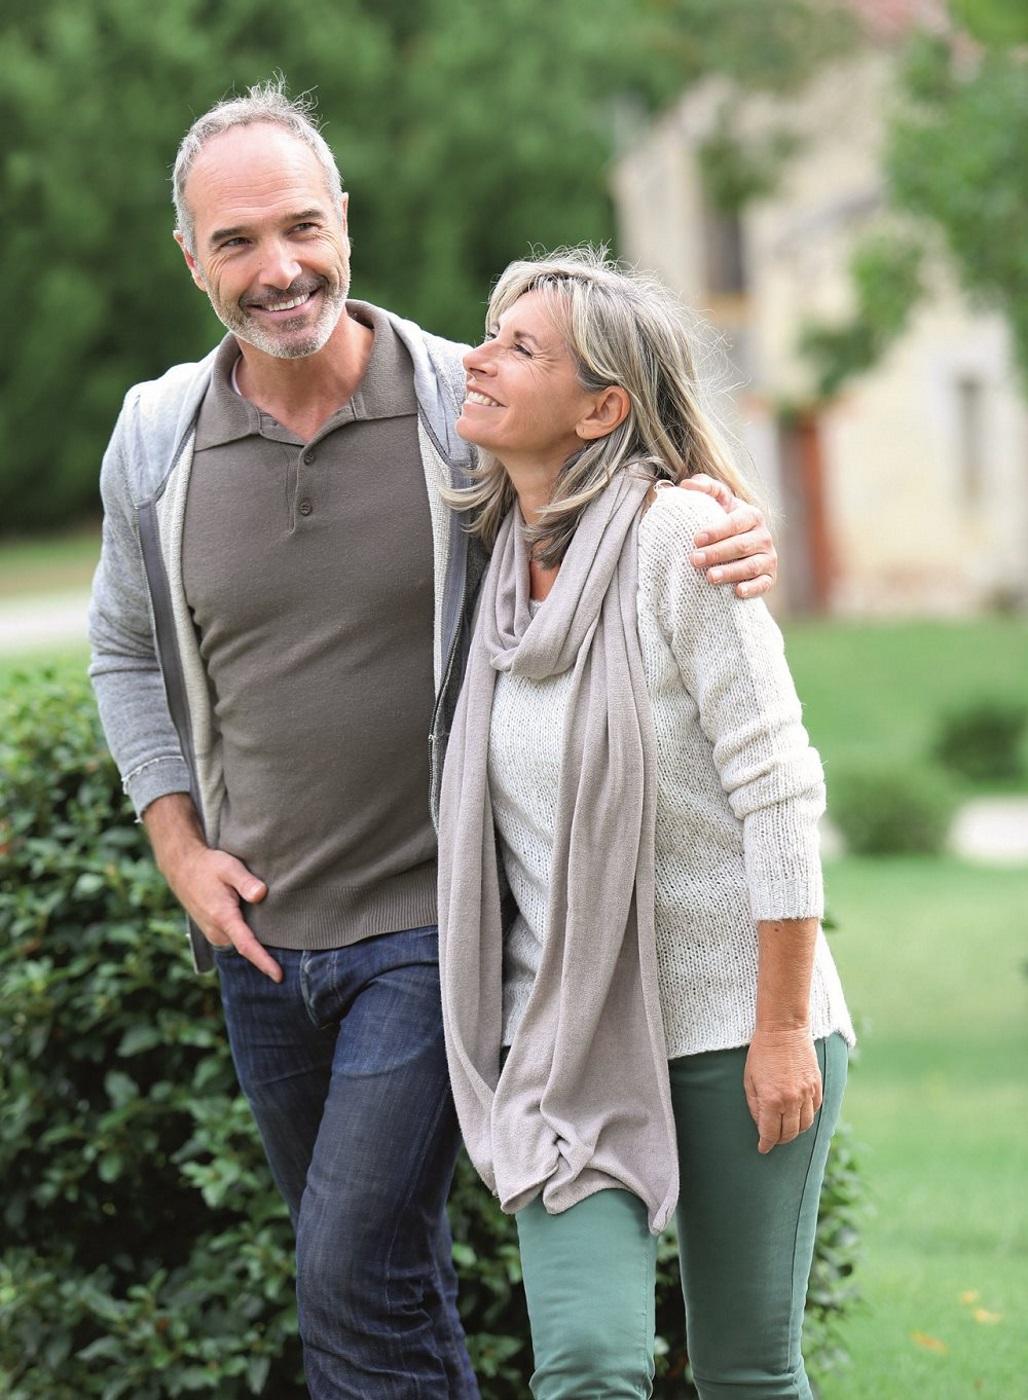 Gesunder Mann geht mit seiner Frau spazieren.